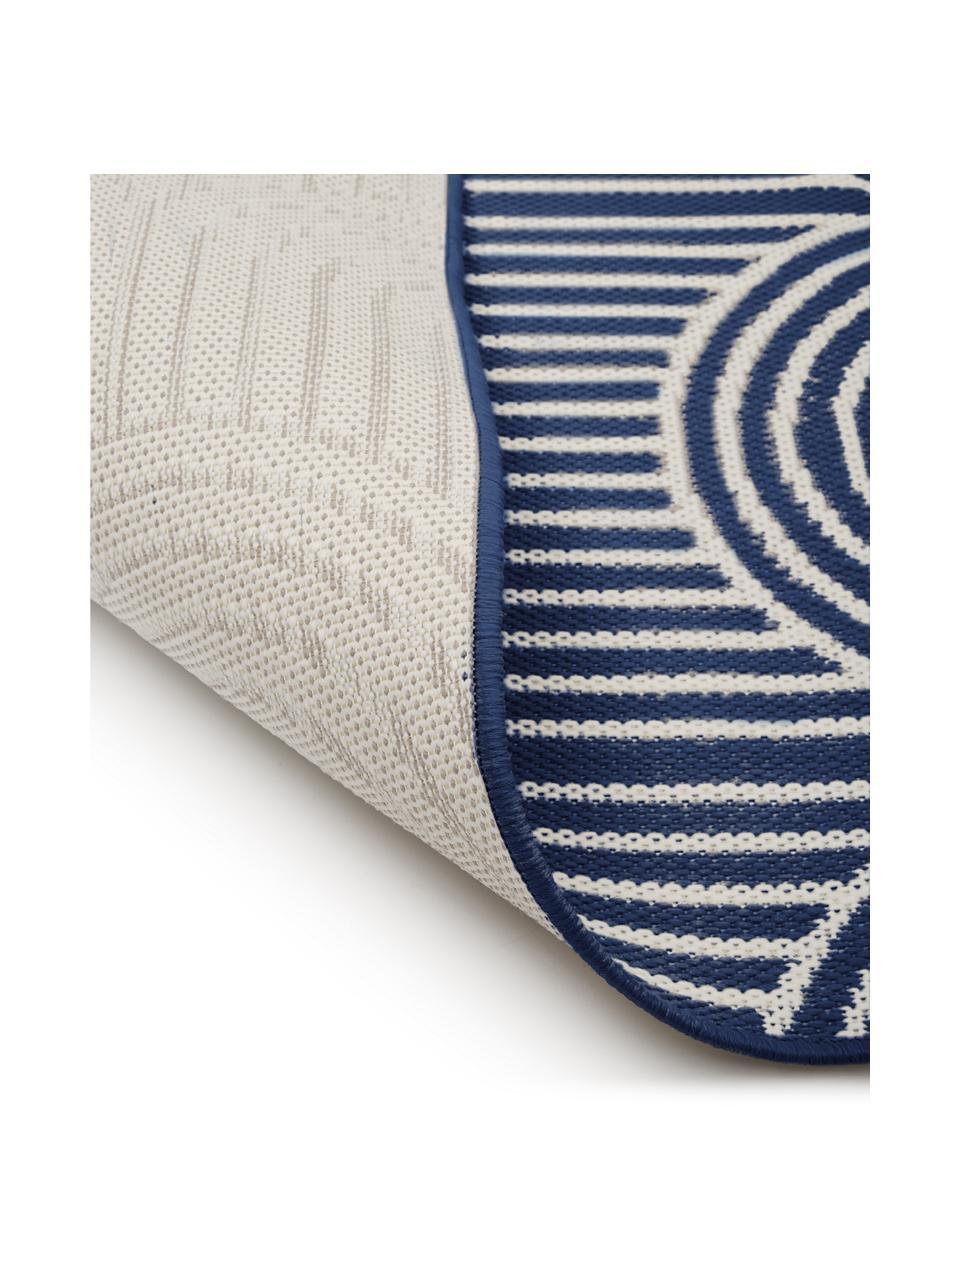 Tappeto da interno-esterno blu/bianco crema Arches, 86% polipropilene, 14% poliestere, Blu, bianco, Larg. 200 x Lung. 290 cm (taglia L)